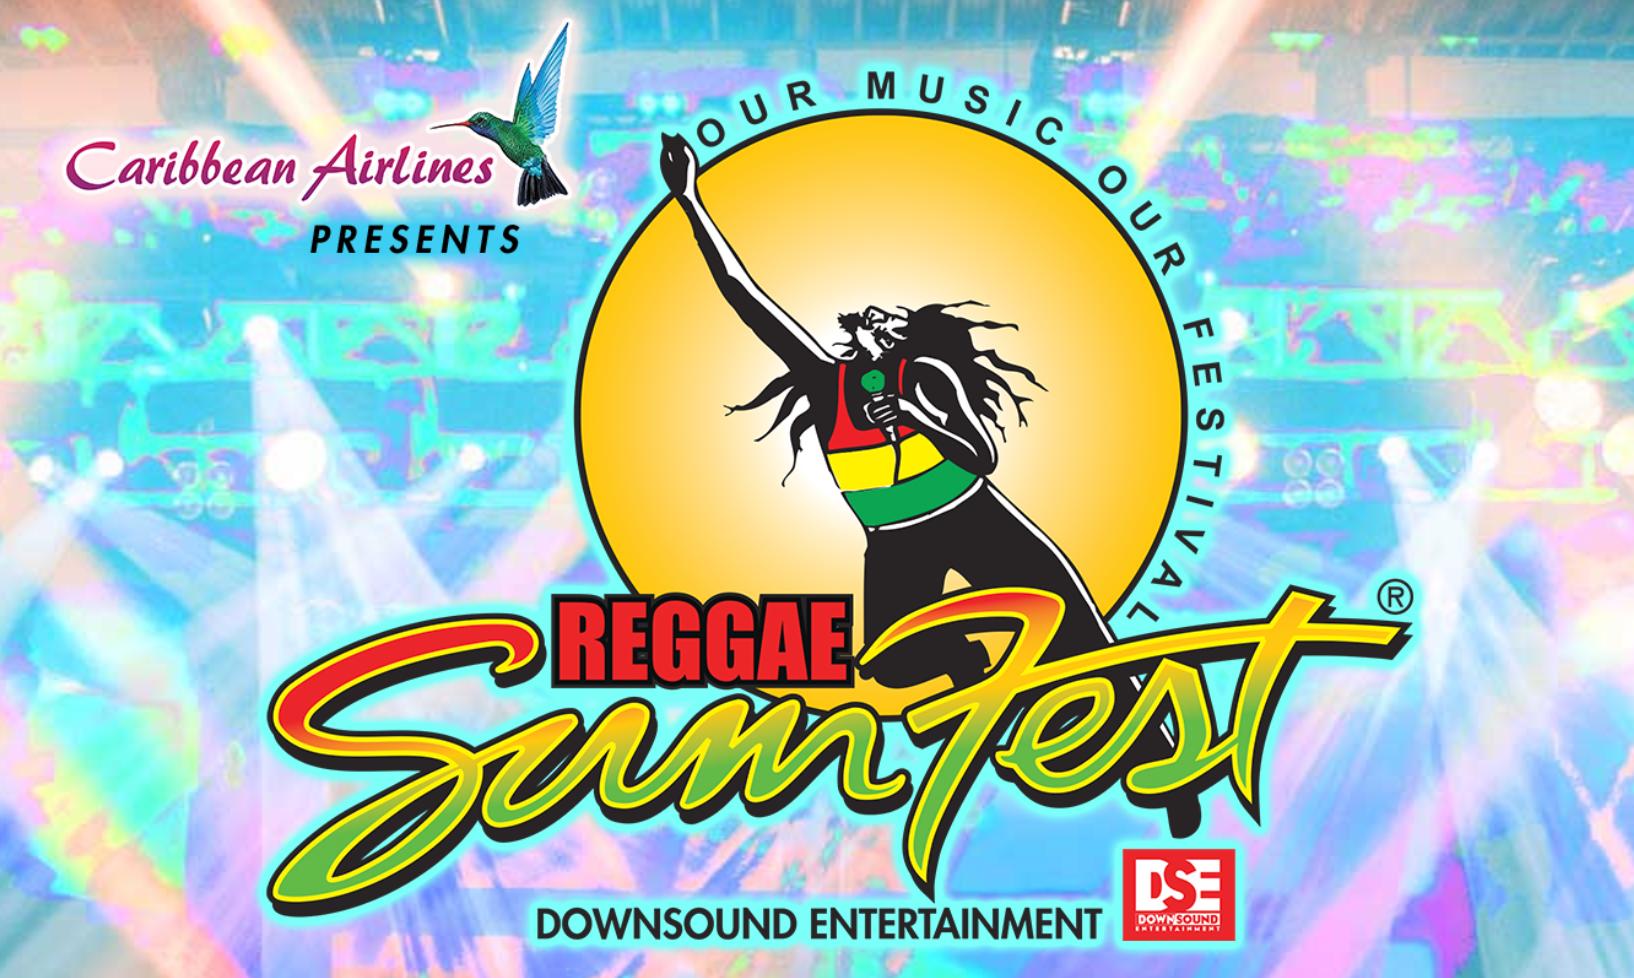 Reggae Sumfest 2019